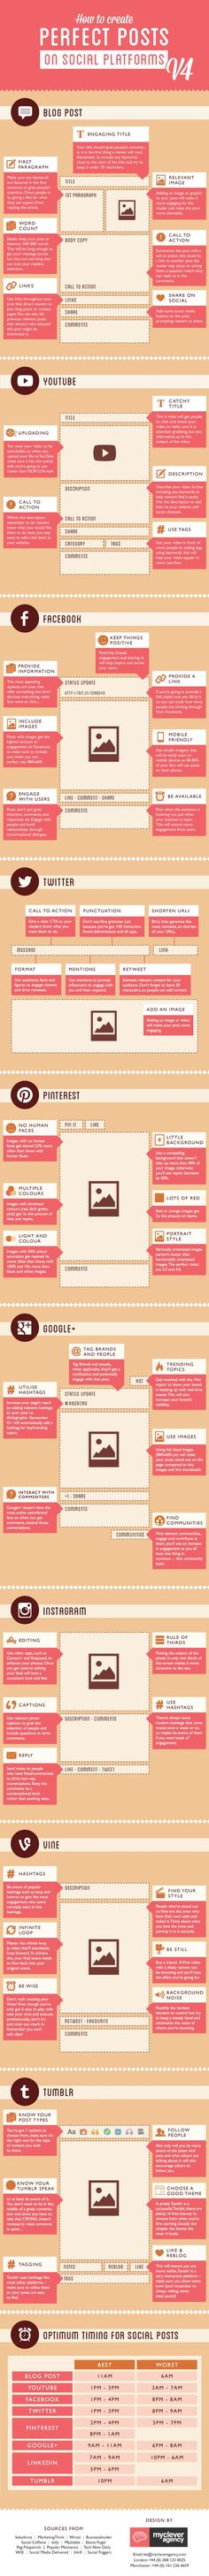 Cómo crear los mejores posts en Blogs, YouTube, Tumblr, Vine, Google+, Pinterest, Instagram, Facebook y Twitter